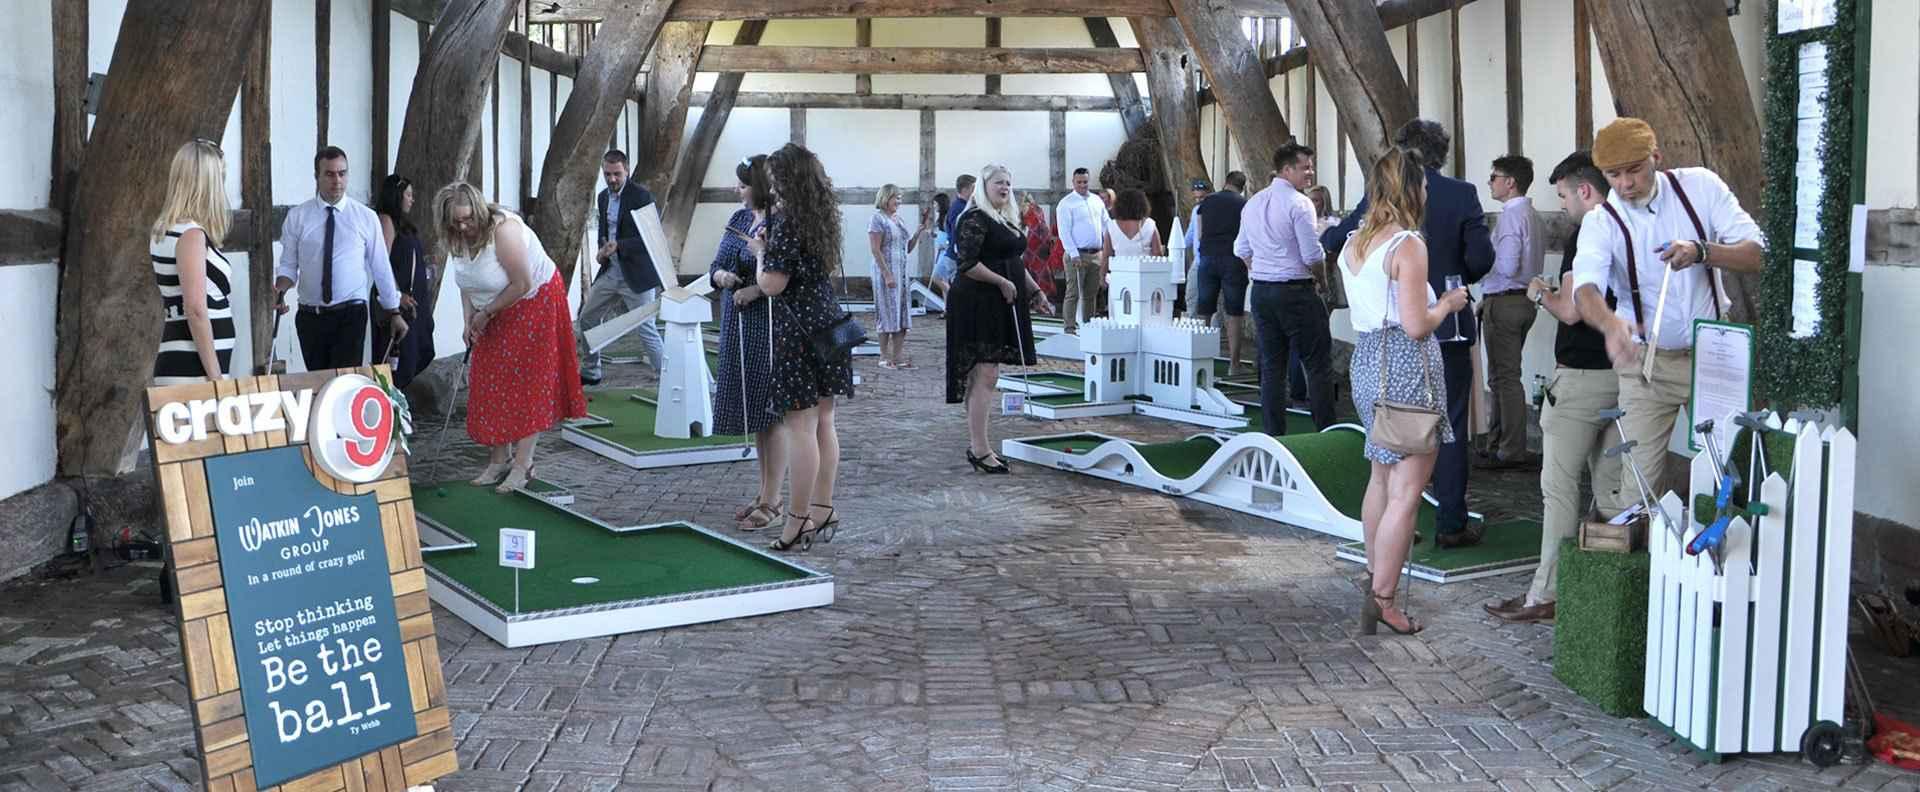 Mobile Crazy Golf Corporate Events - Watkin Jones